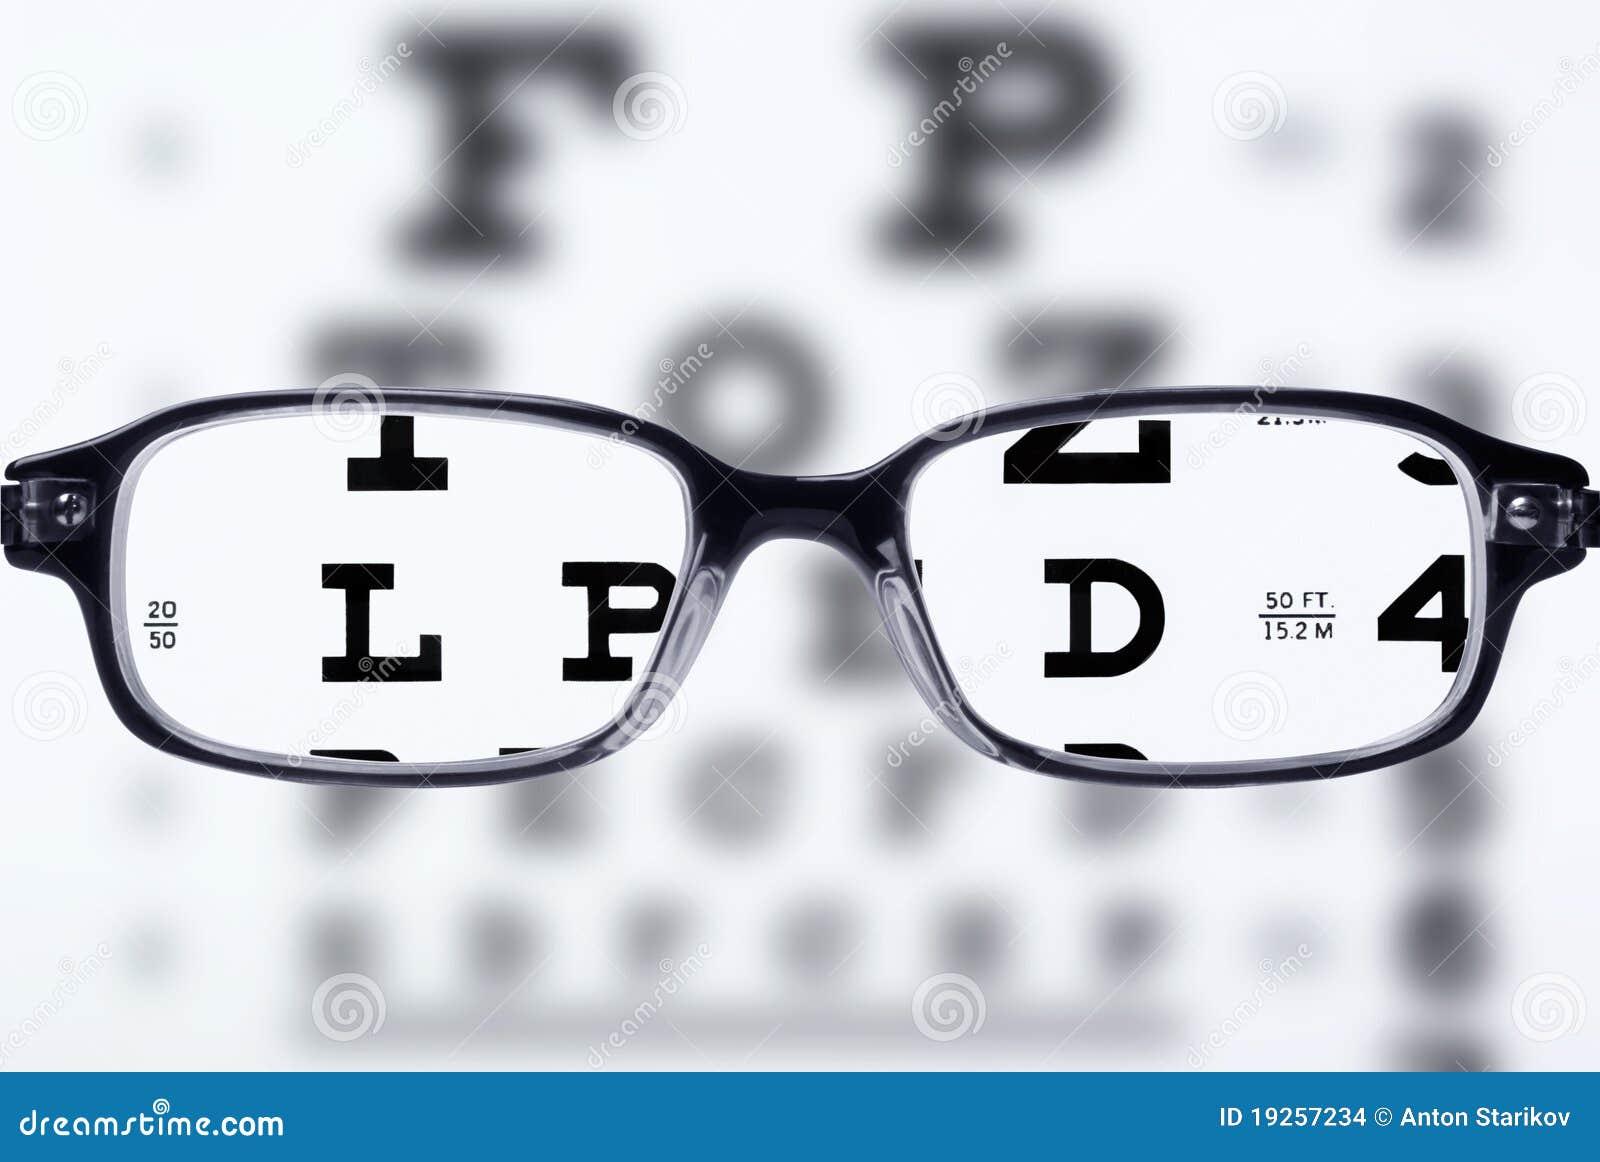 Brillen und Augendiagramm